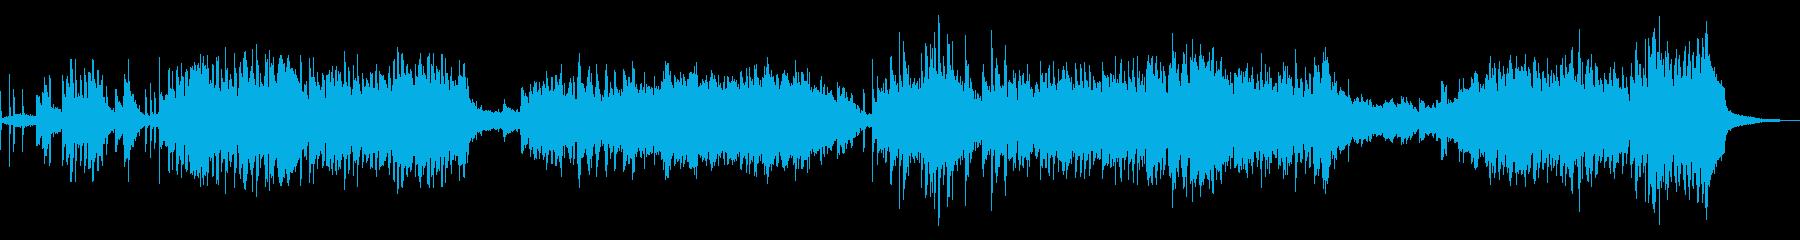 ハッスルフリーフォームニューエイジジャズの再生済みの波形